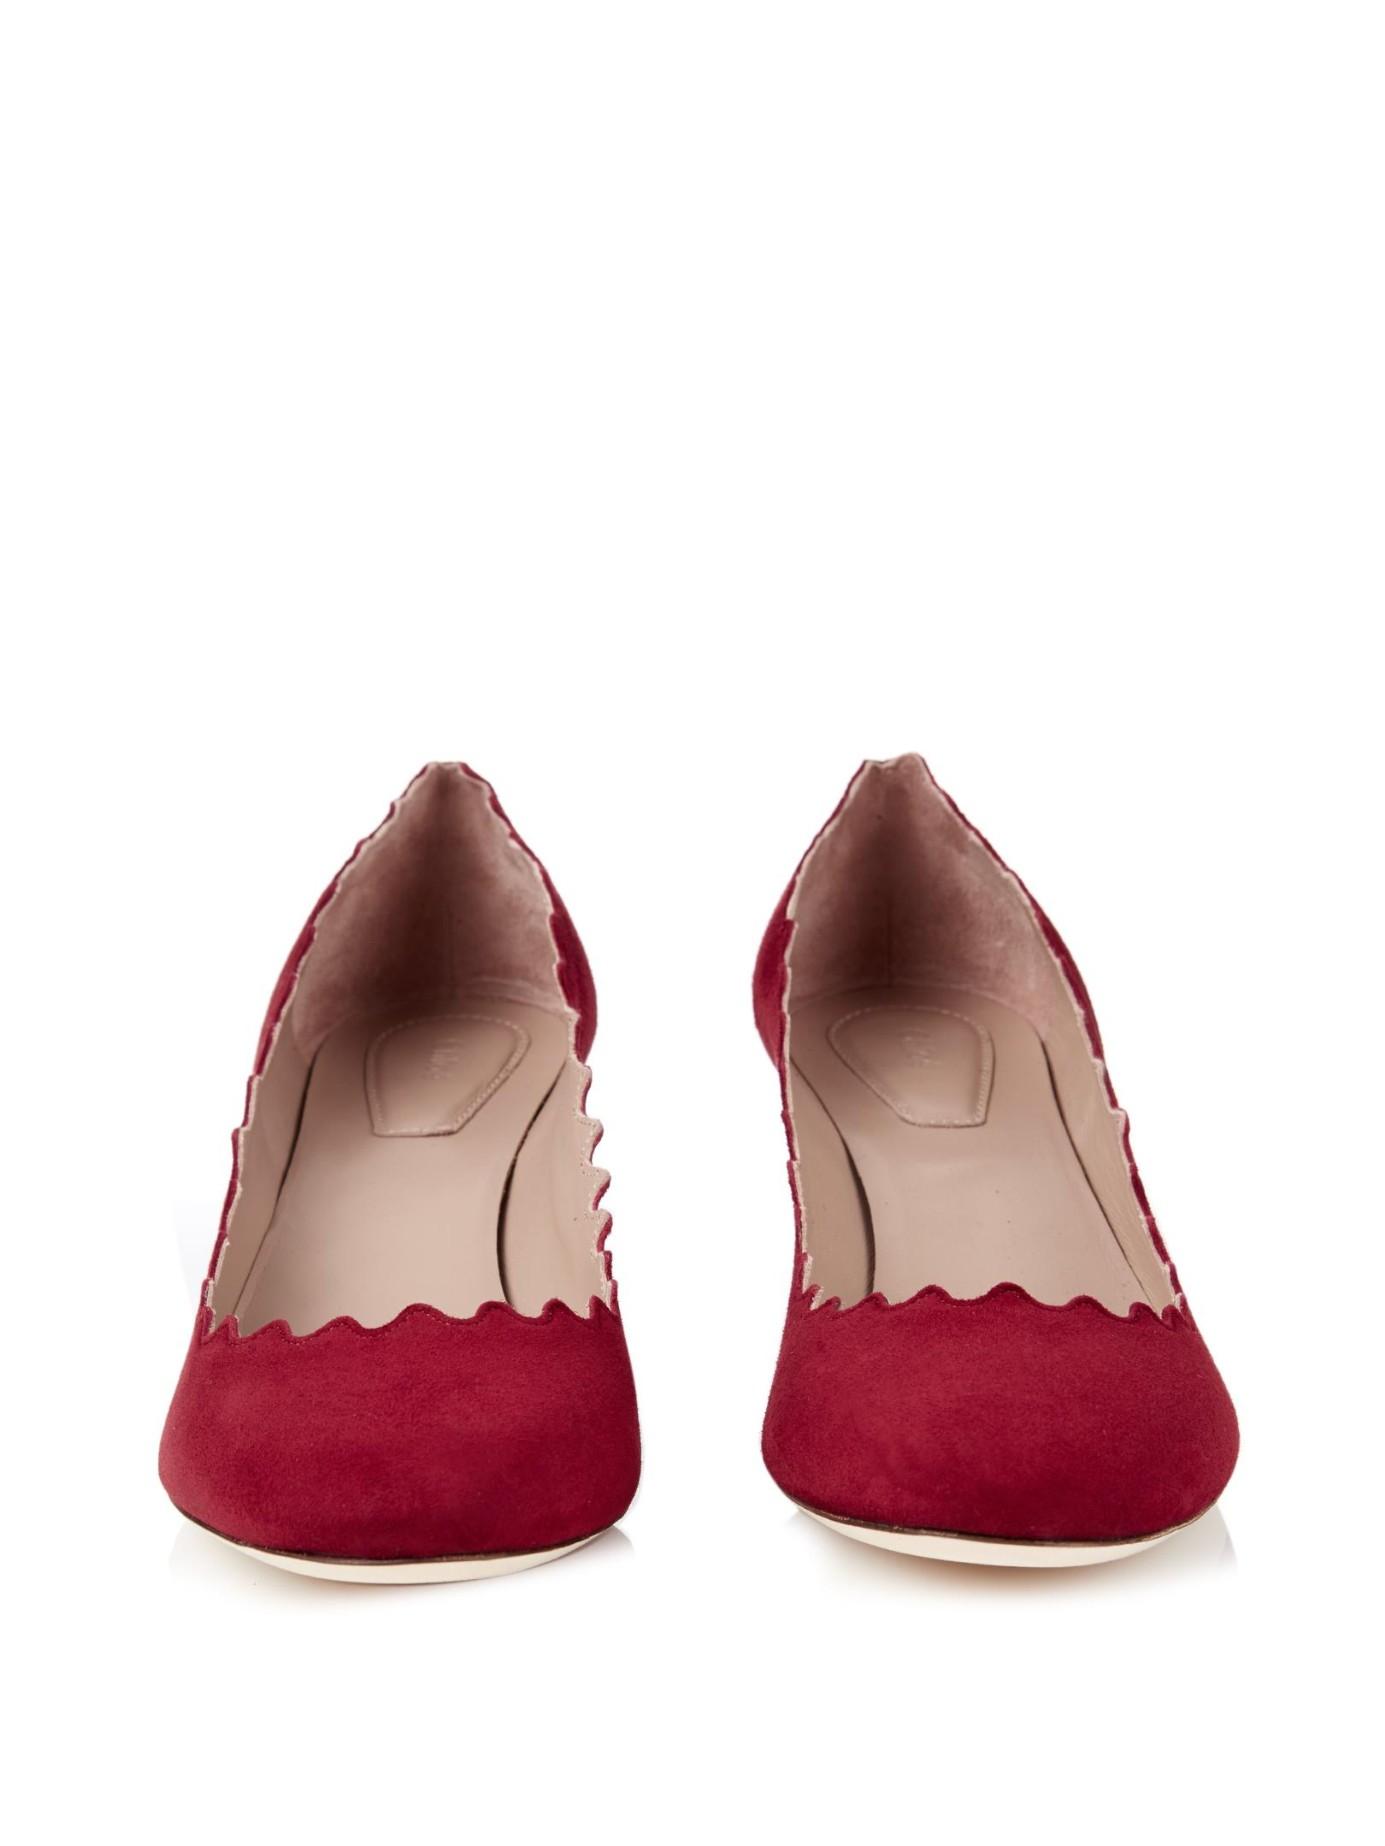 133a0eacb85 Lyst - Chloé Lauren Suede Block Heel Pumps in Red